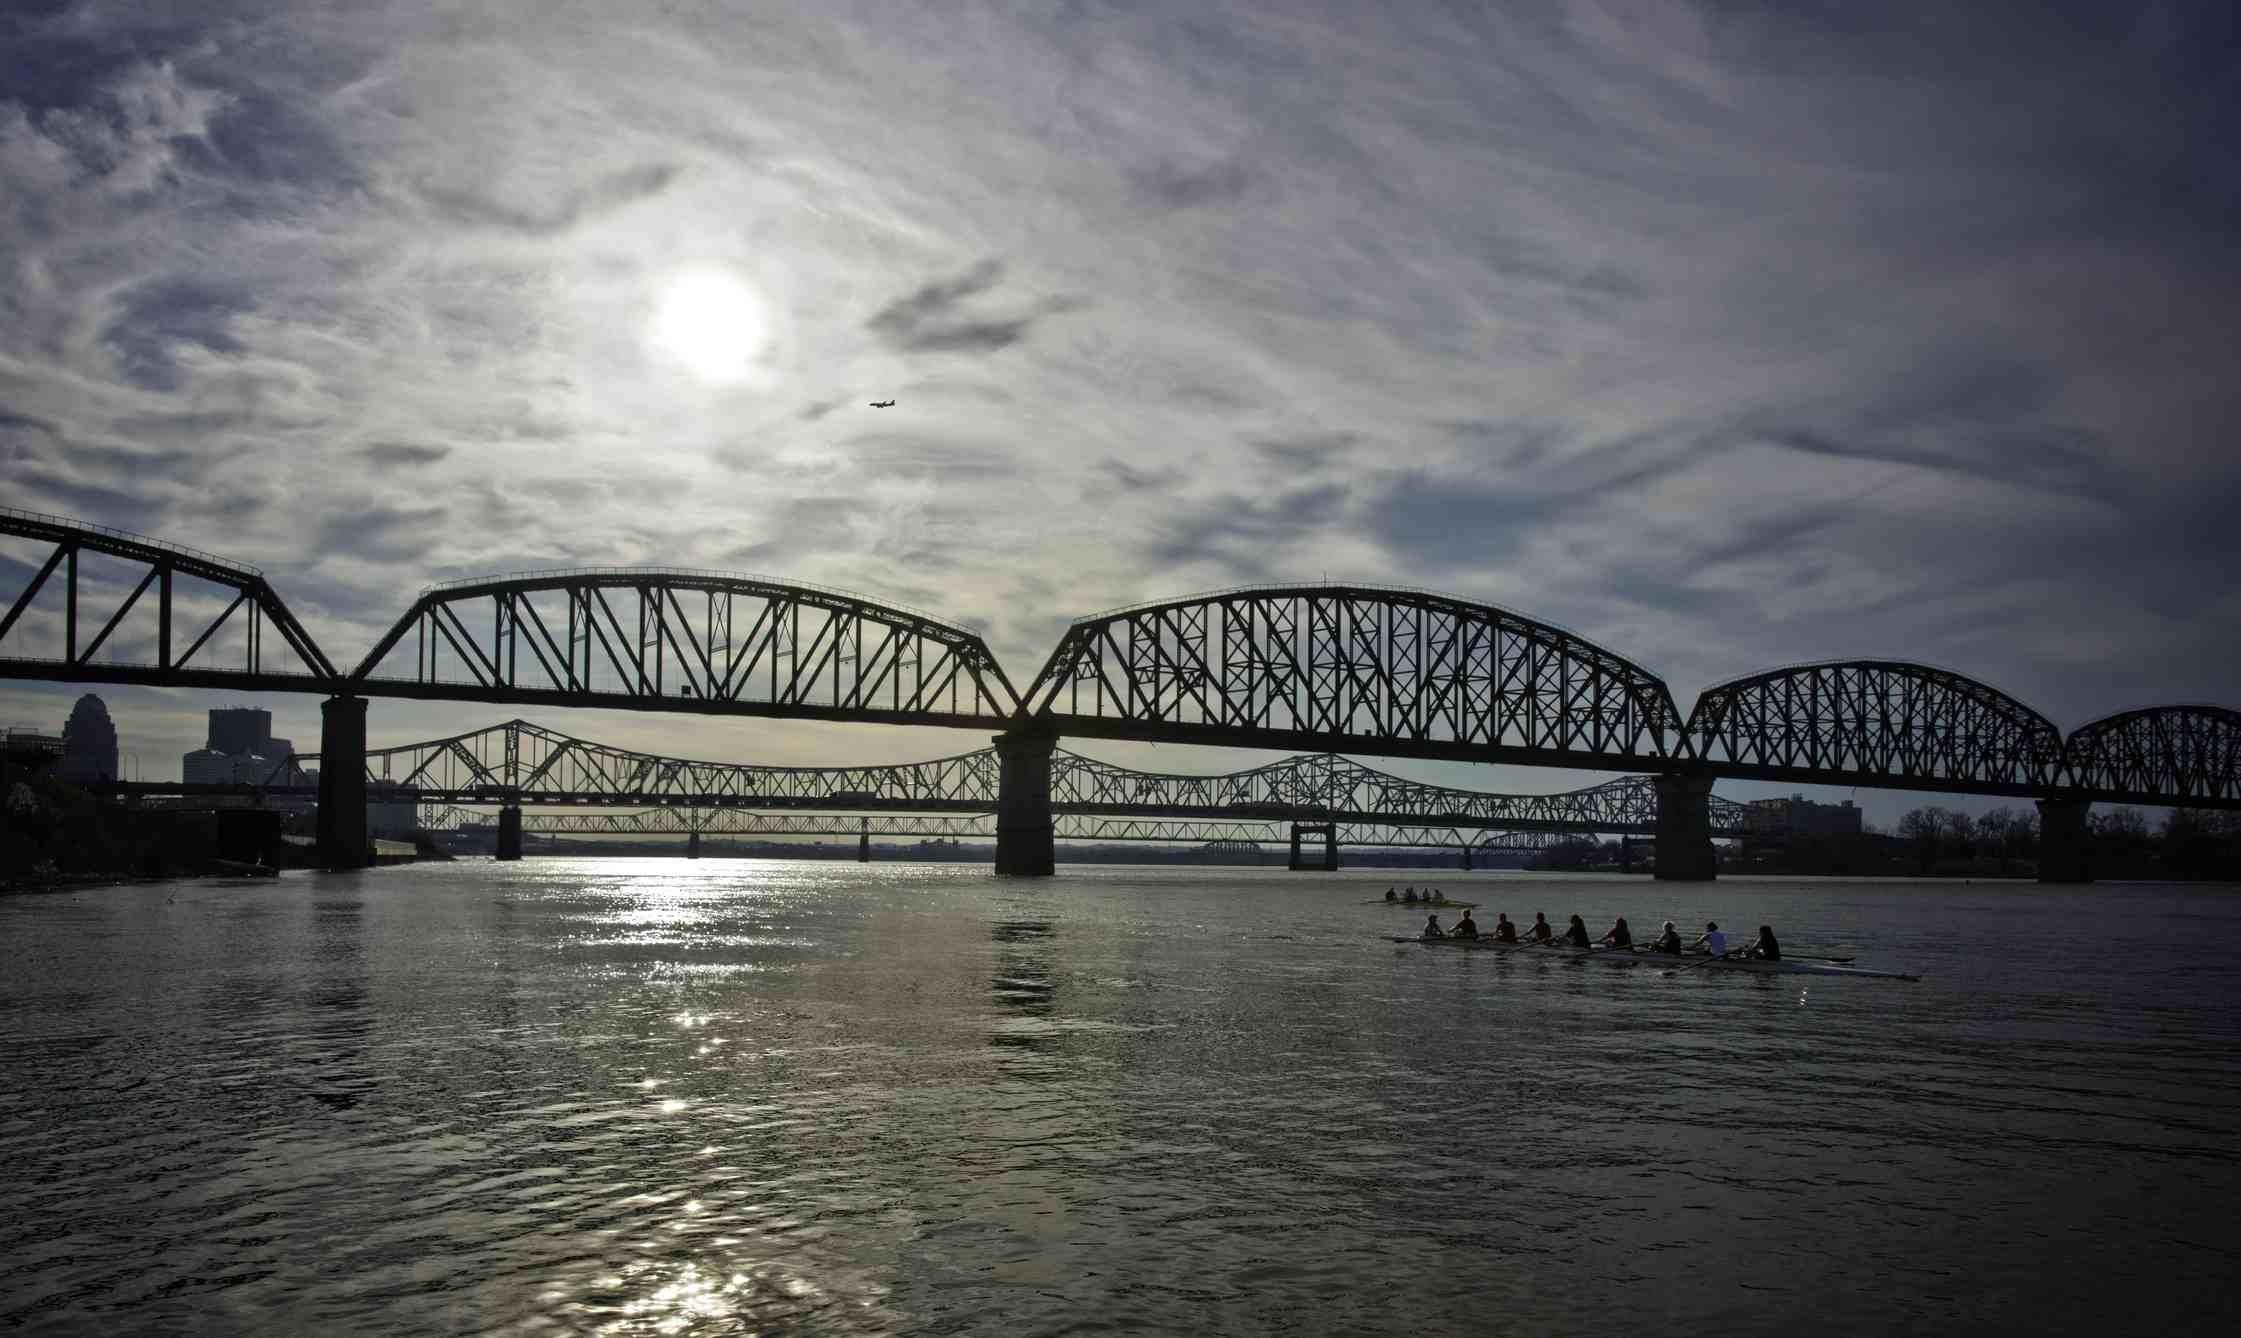 El puente sobre el río Ohio.